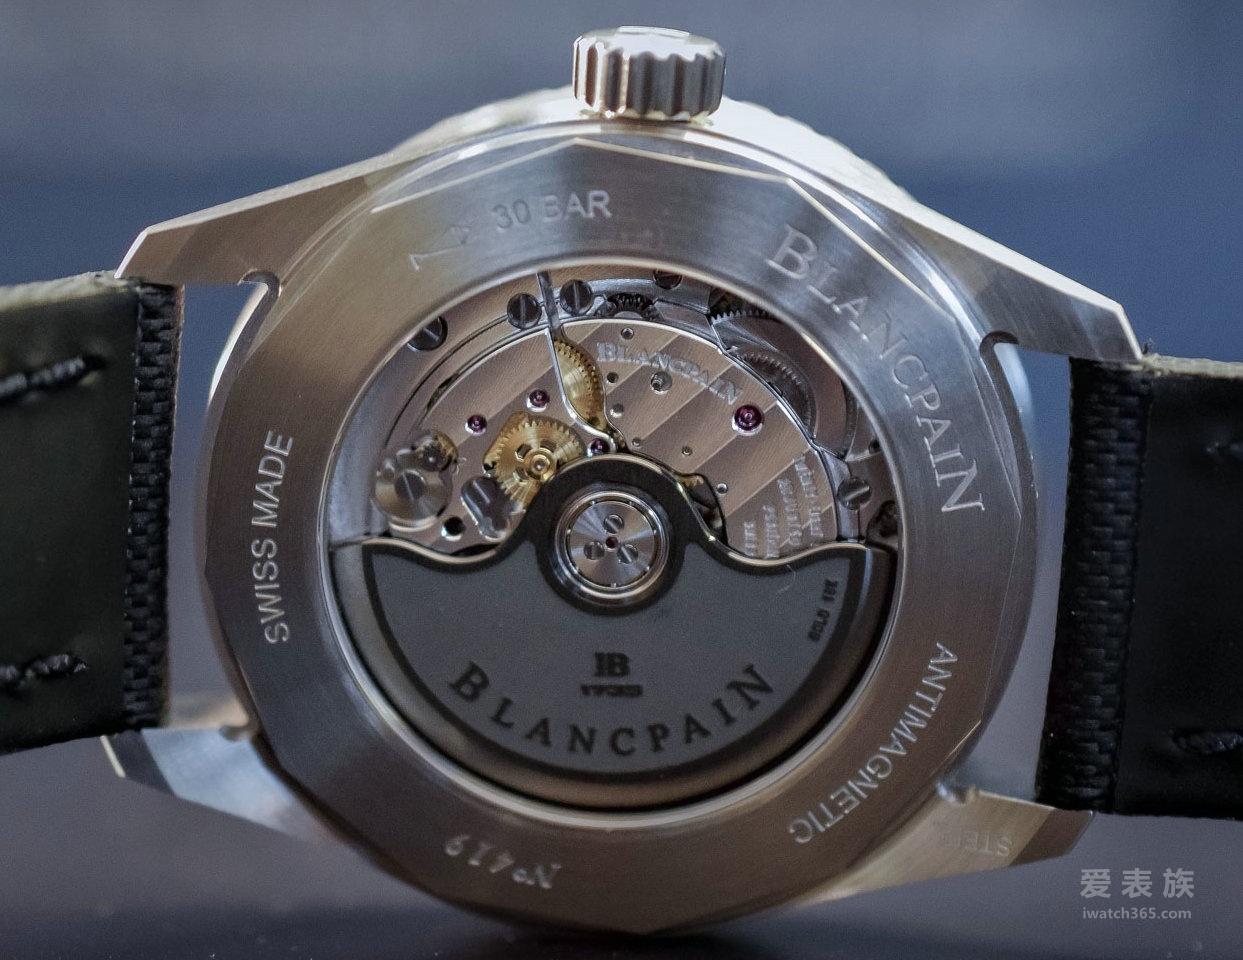 宝珀五十噚系列Bathyscaphe 5100-1140-O52A小尺寸38mm腕表